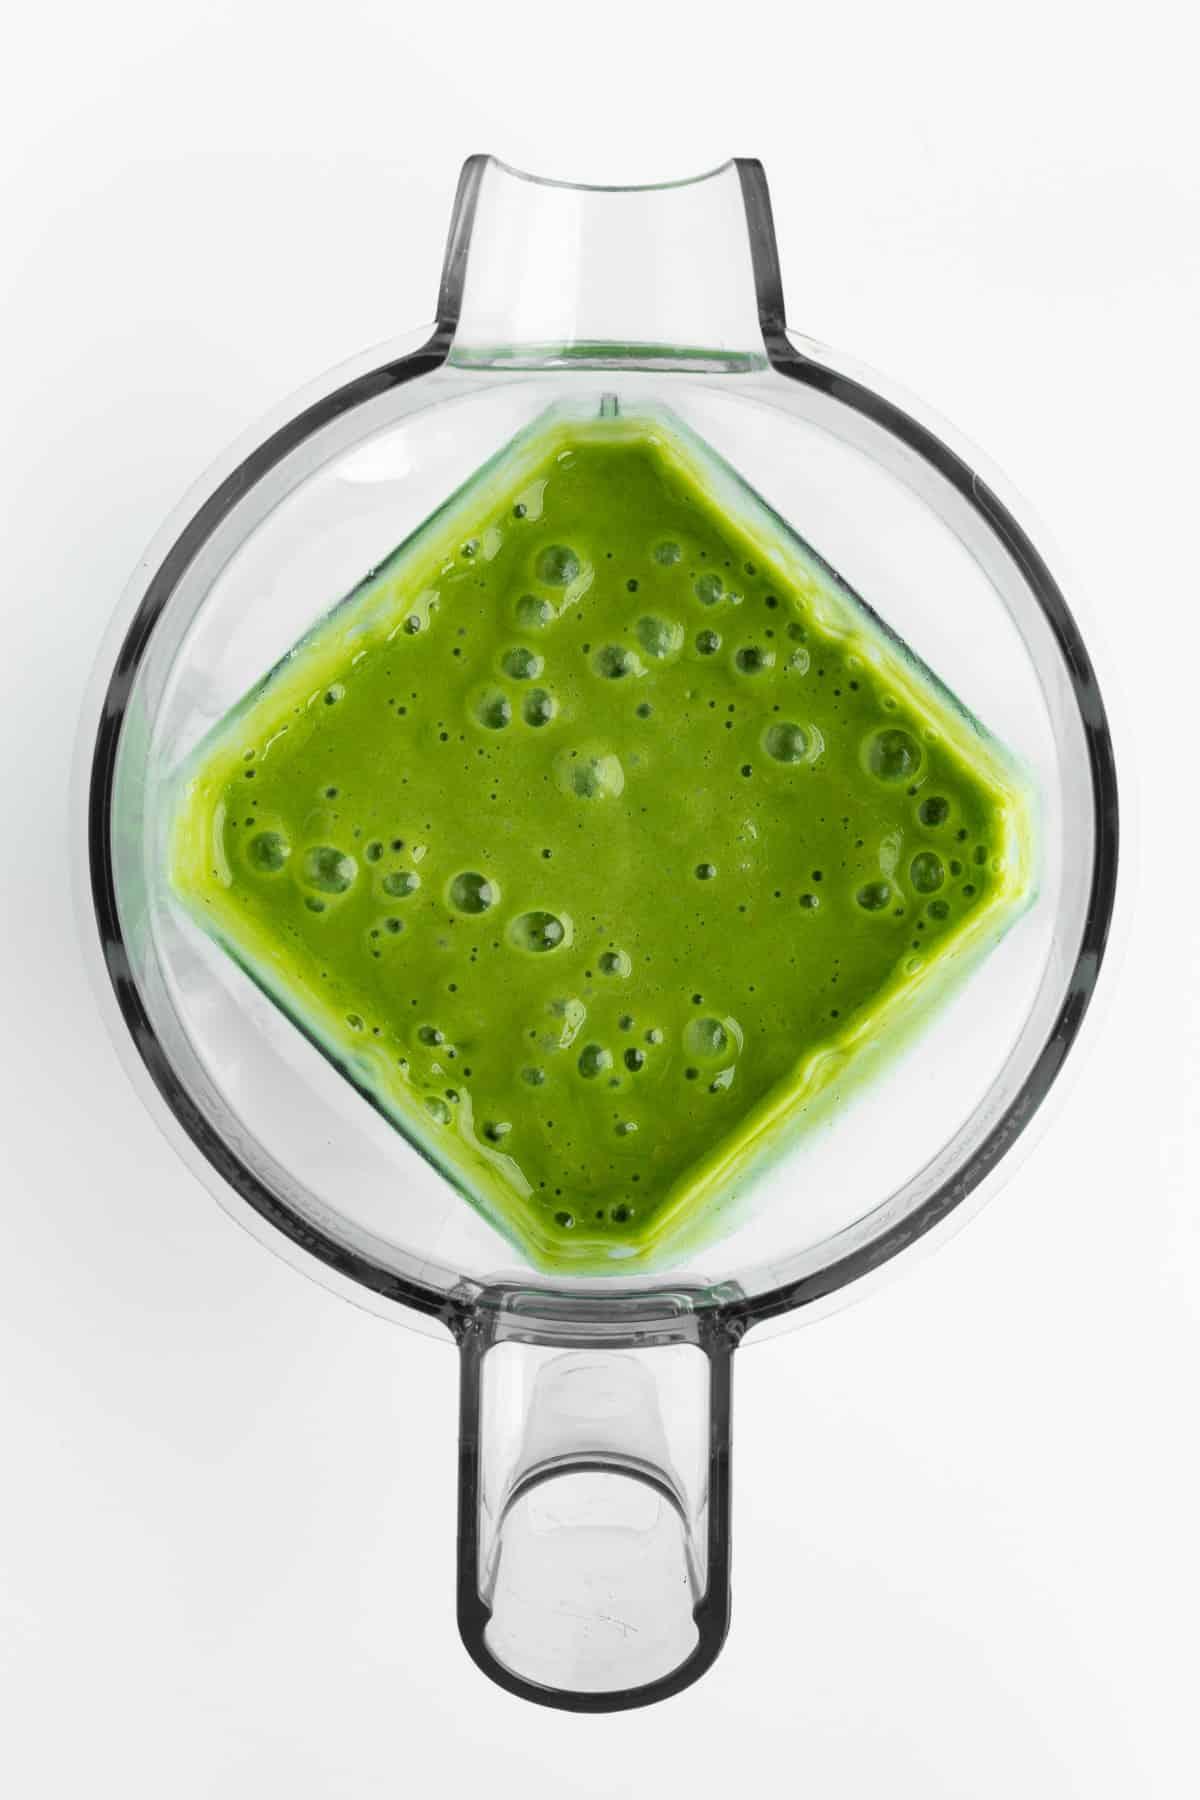 a green smoothie blended inside a blender